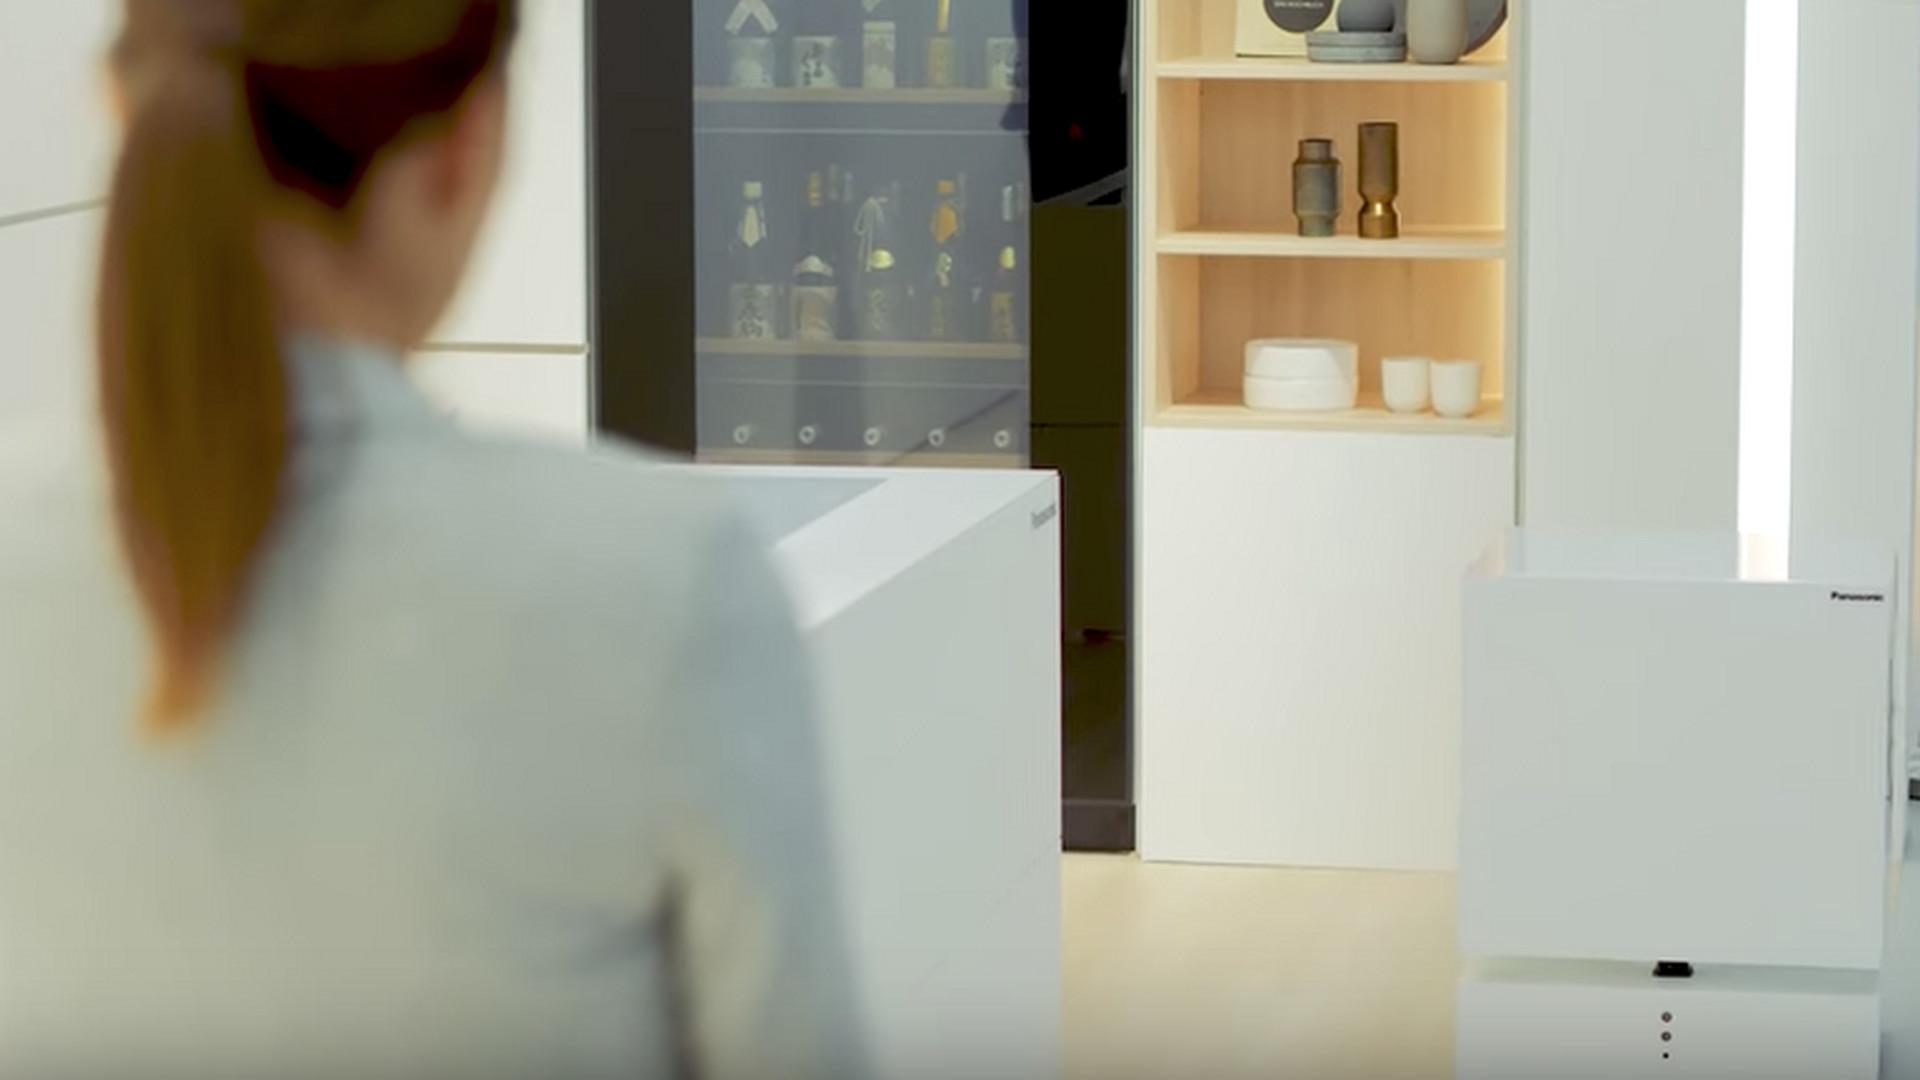 Kleiner Cooler Kühlschrank : Fahrender kühlschrank ku von panasonic auf ifa präsentiert noizz